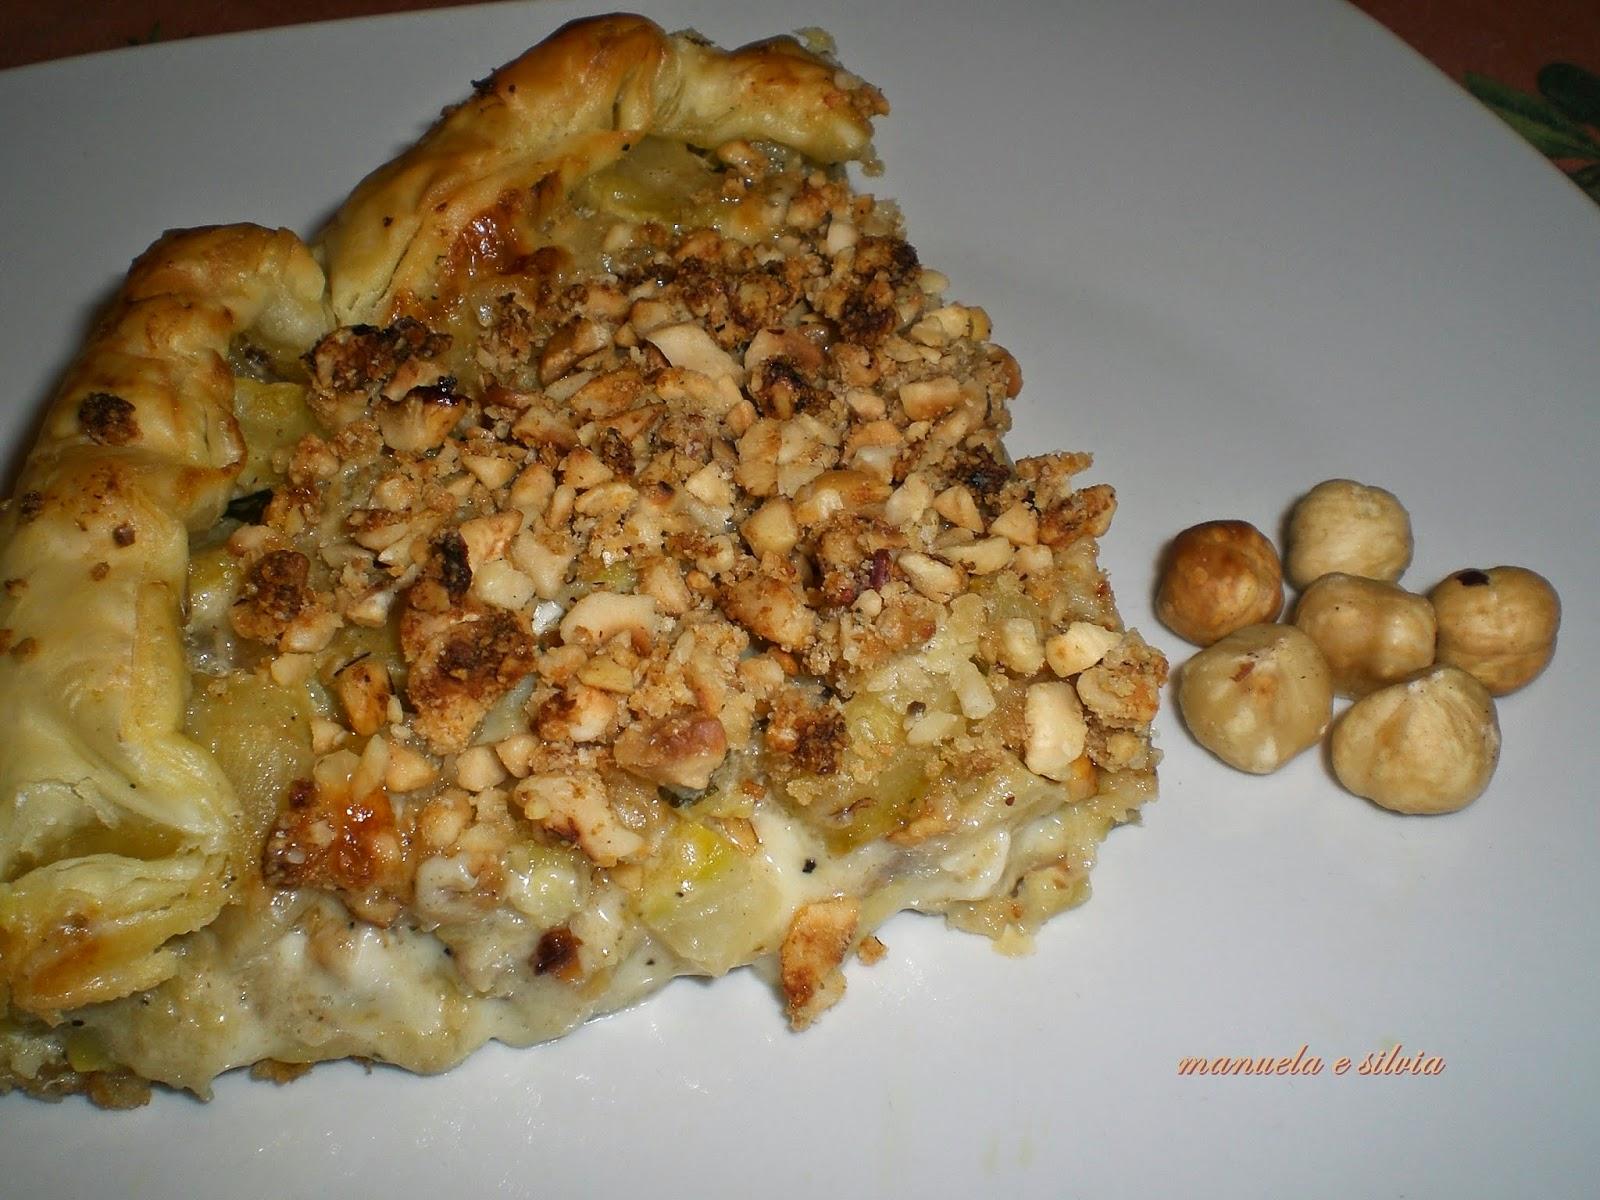 crostata alle zucchine e tartufo con crumble di nocciole